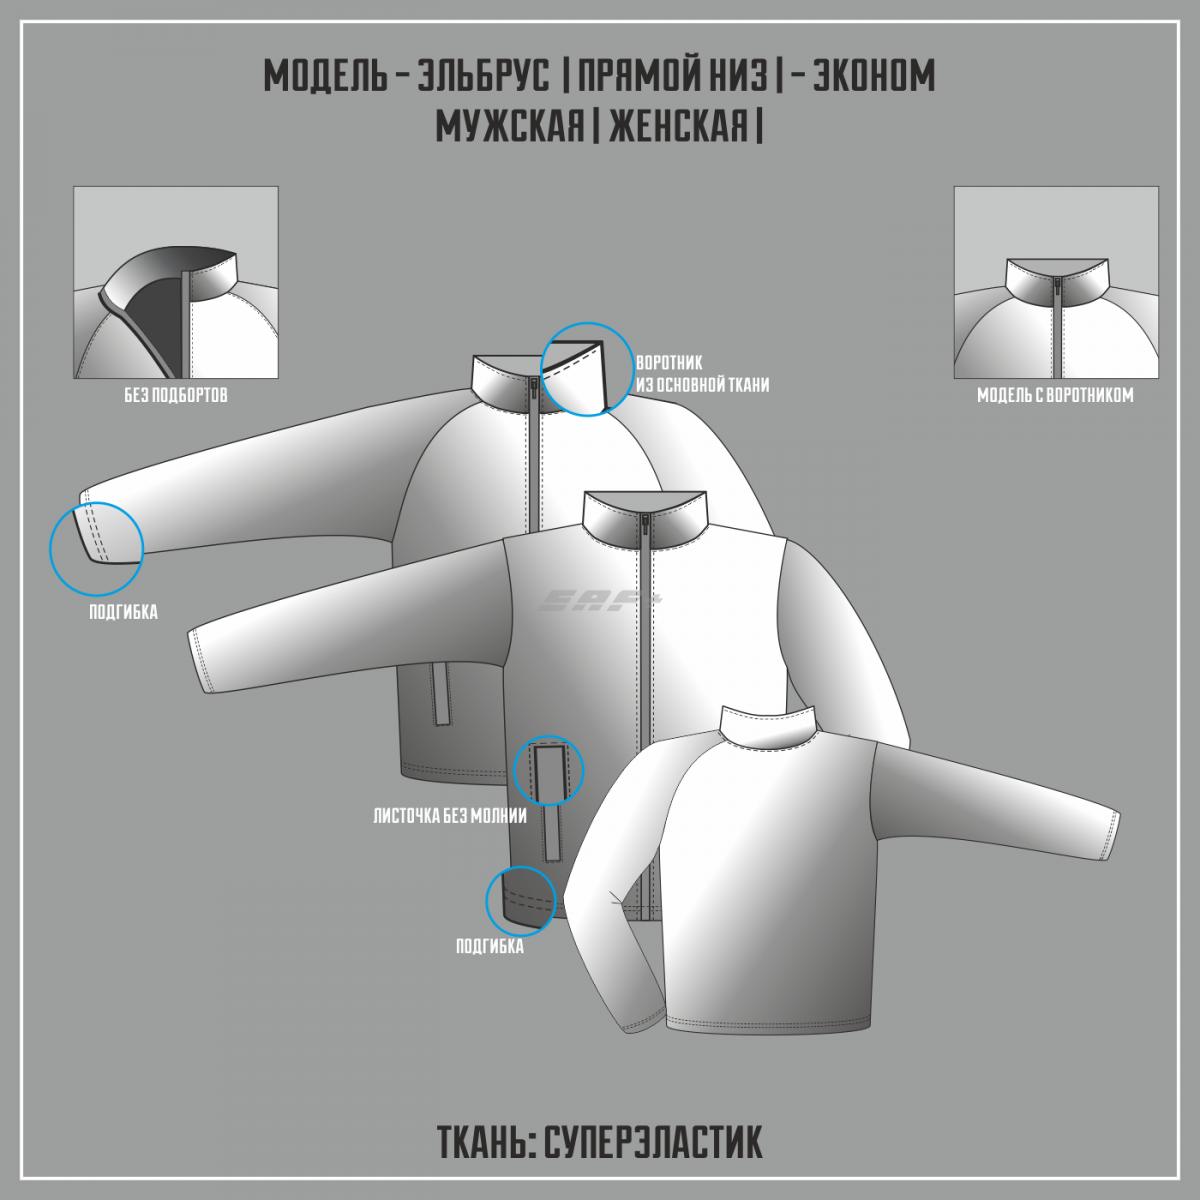 ЭЛЬБРУС-СУПЕРЭЛАСТИК ЭКОНОМ куртка прямой низ (Полная сублимация)